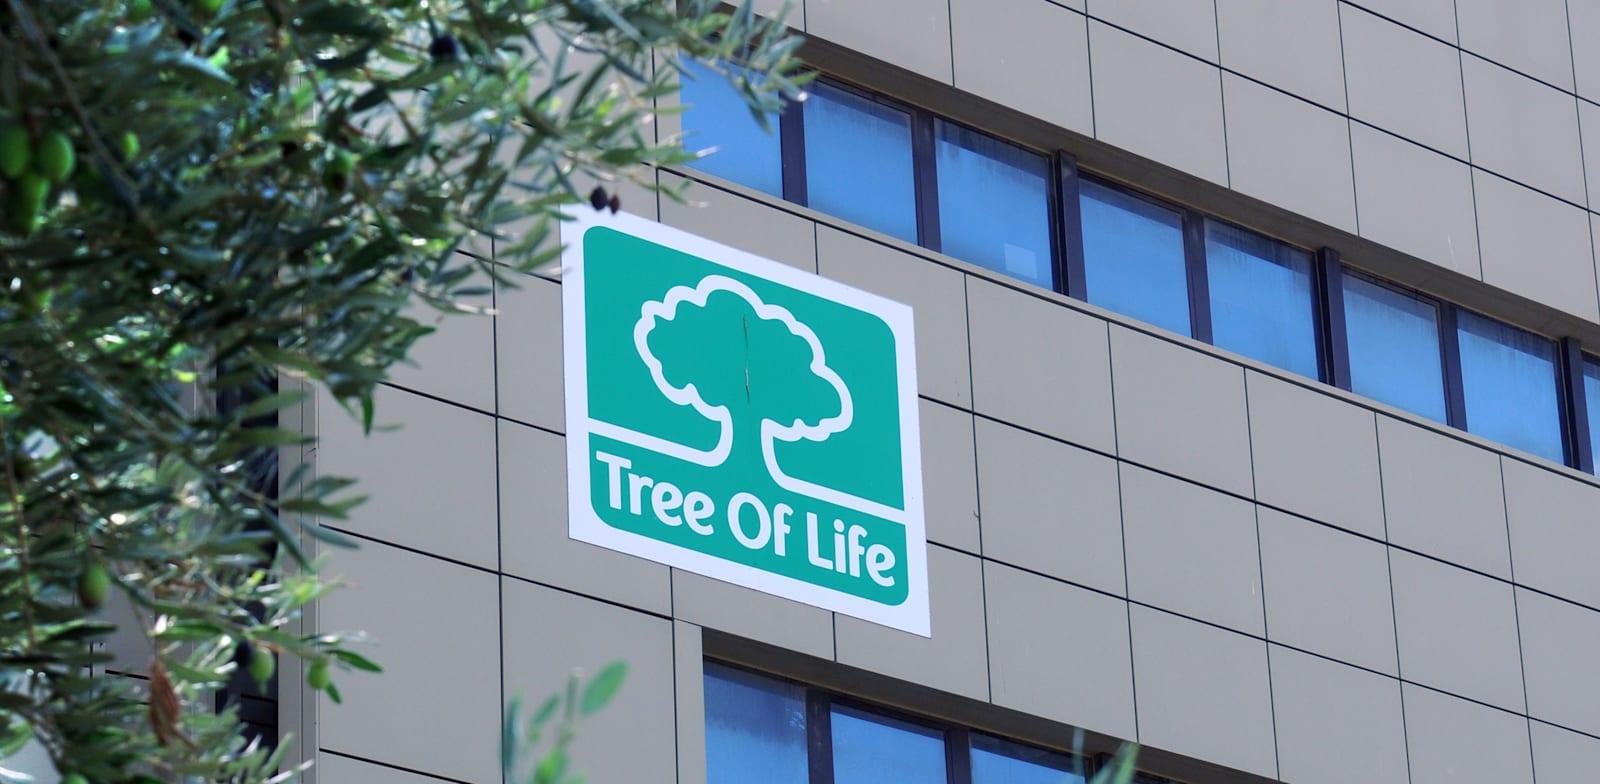 משרדי טרי אוף לייף / צילום: אתר החברה